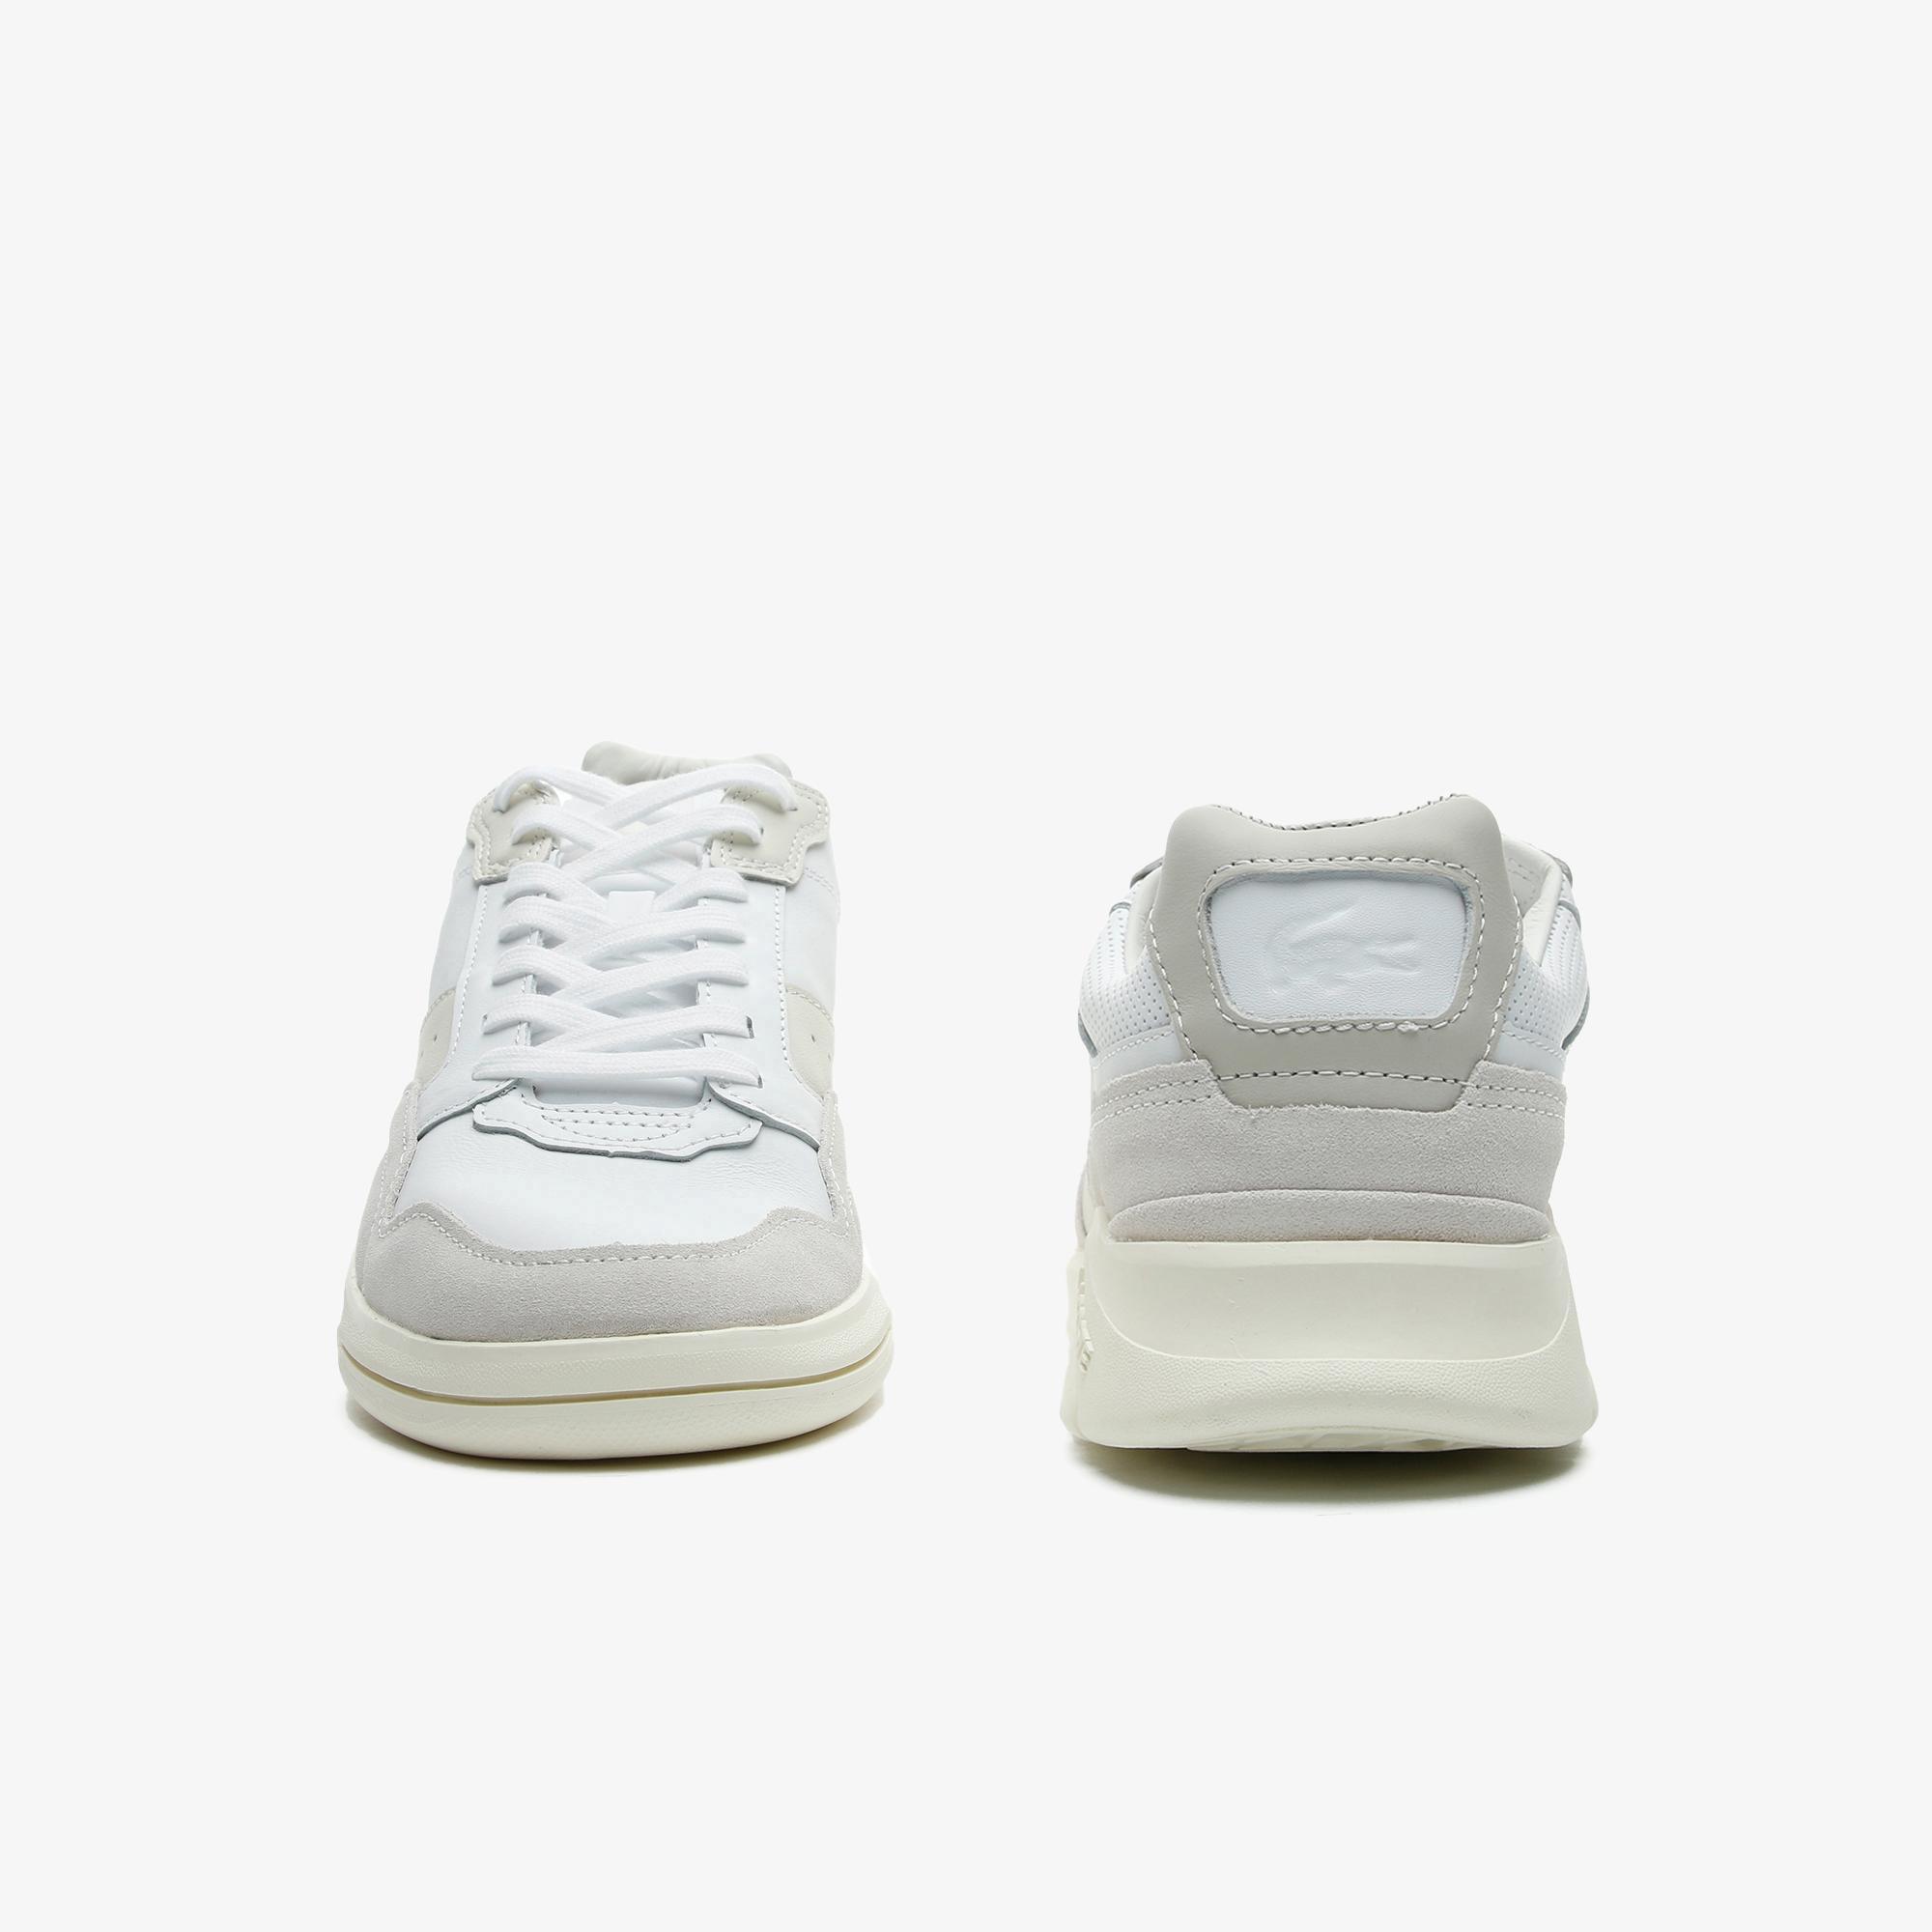 Lacoste Game Advance Luxe07211Sma Erkek Bej - Beyaz Sneaker